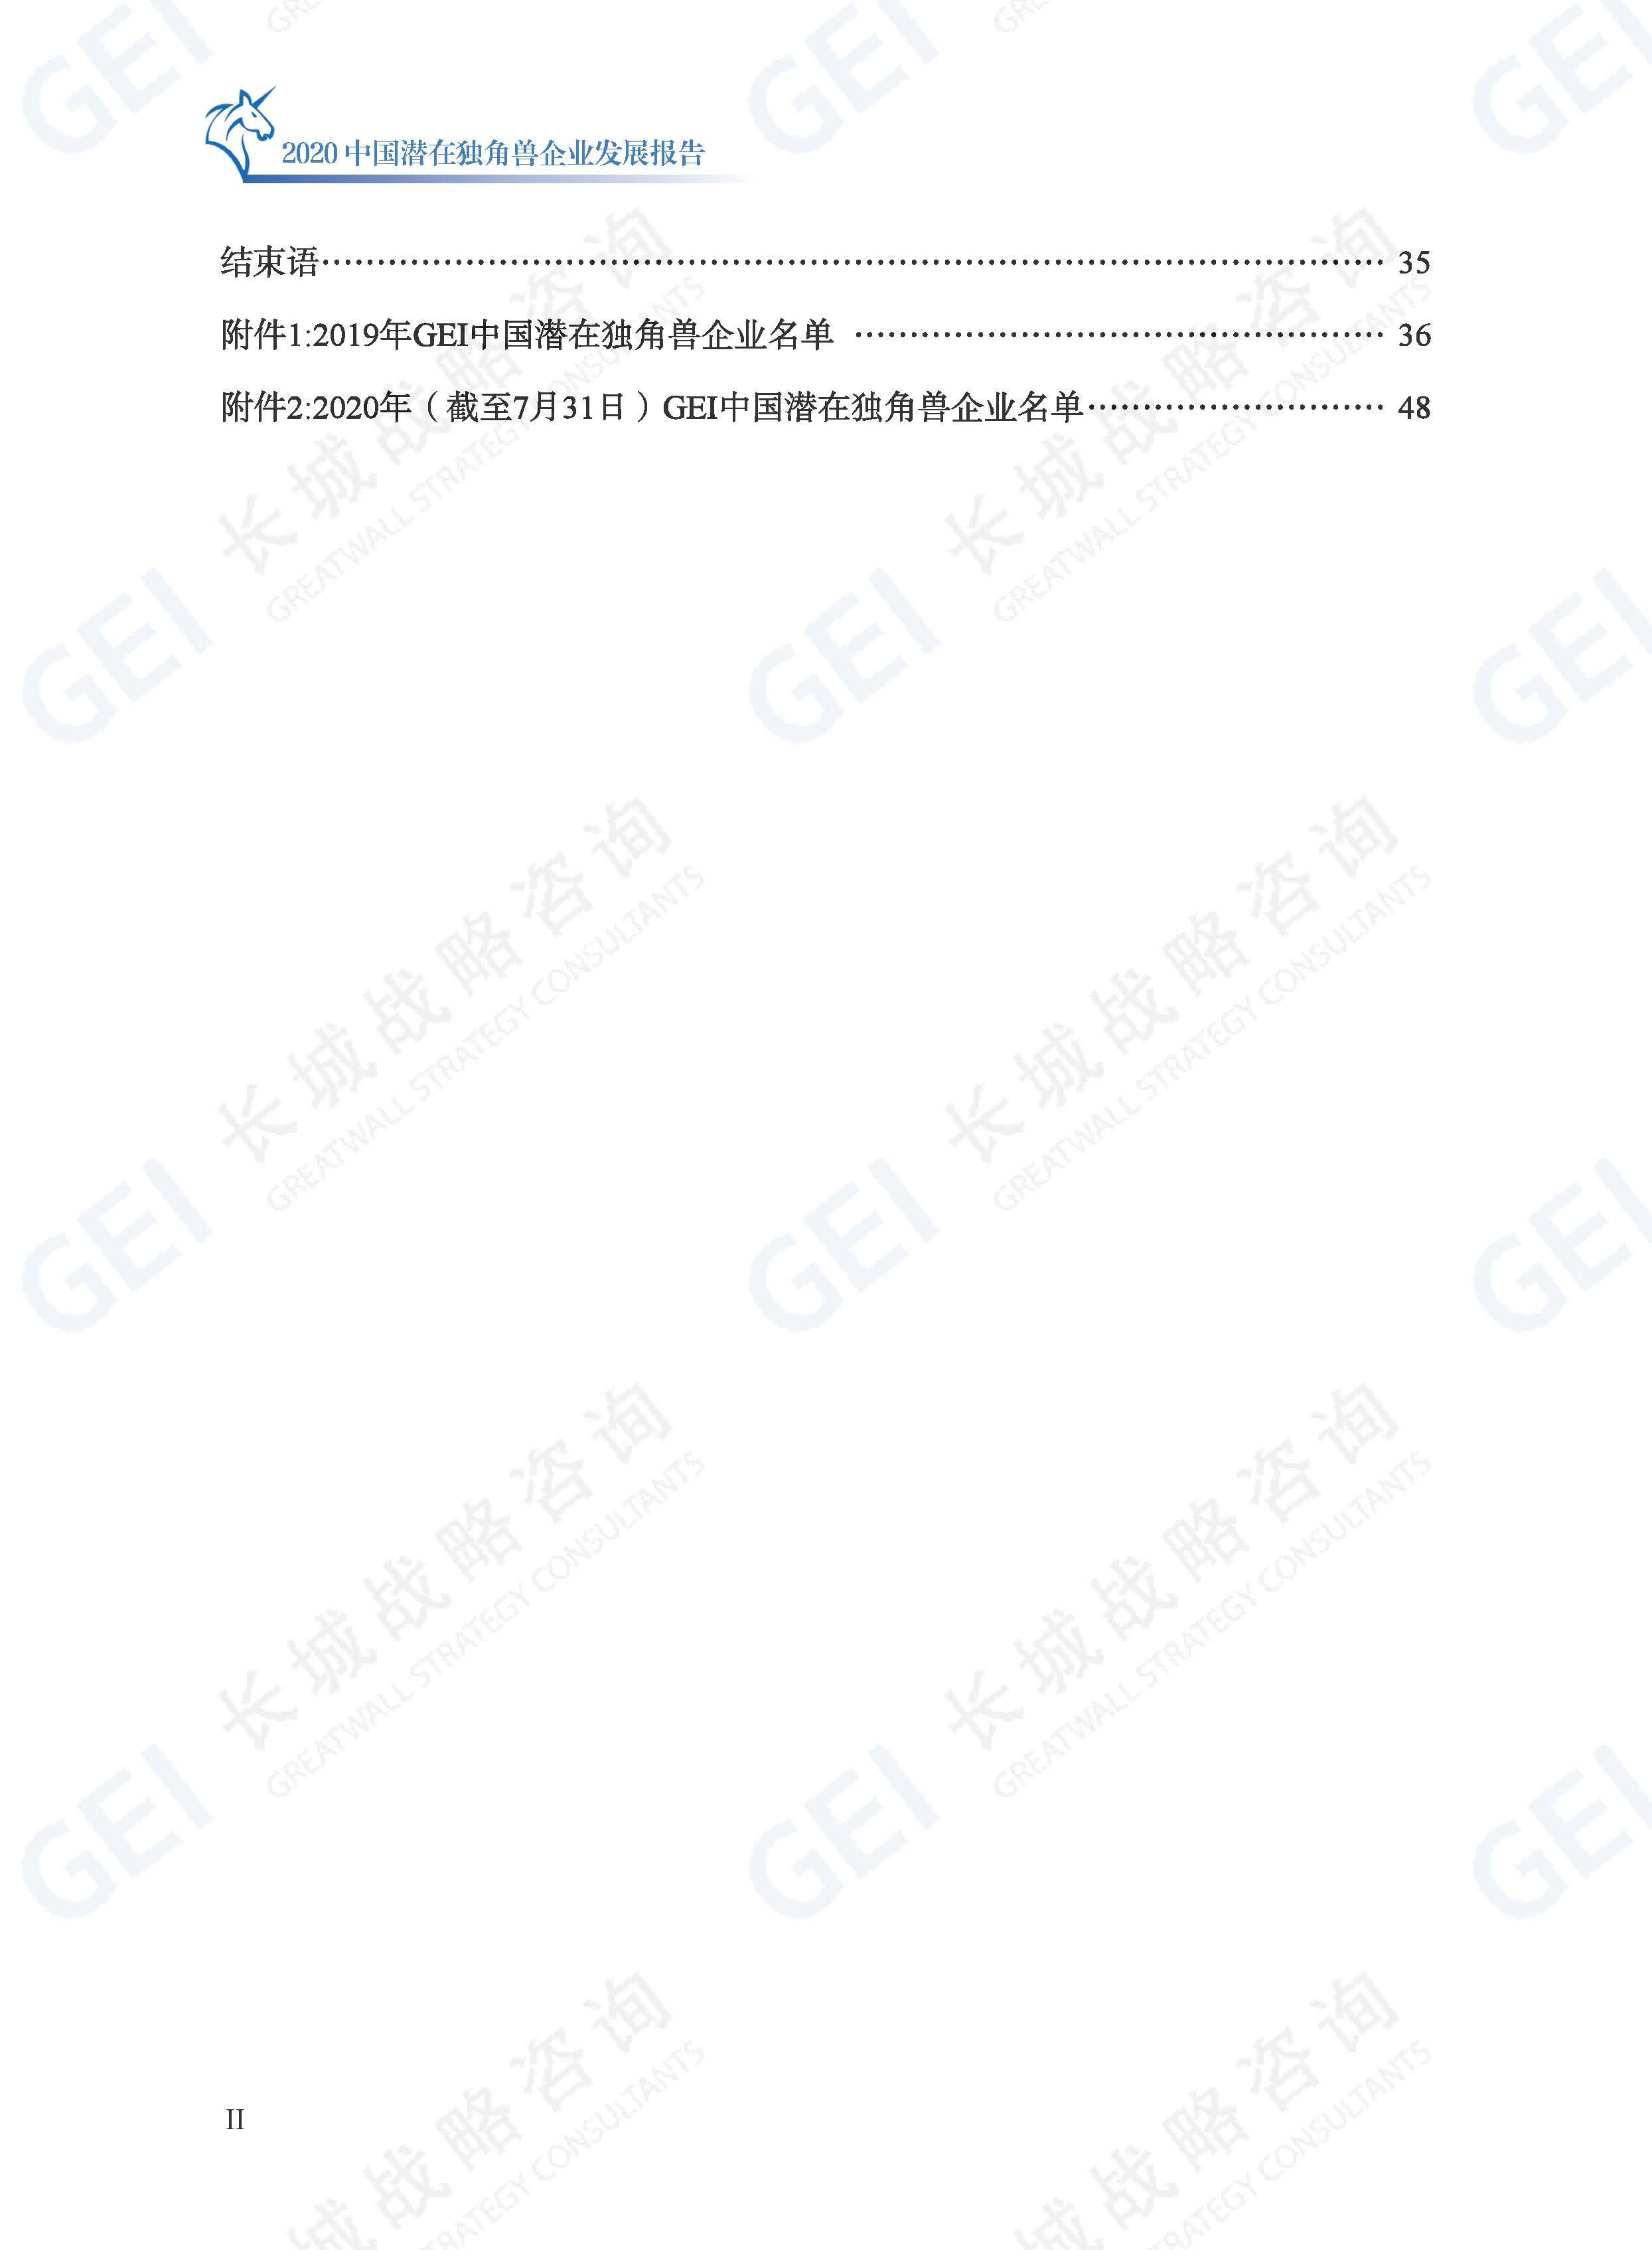 20201029-2019年中国潜在独角兽企业发展报告-0914-水印 企业部王胜男_页面_06.jpg